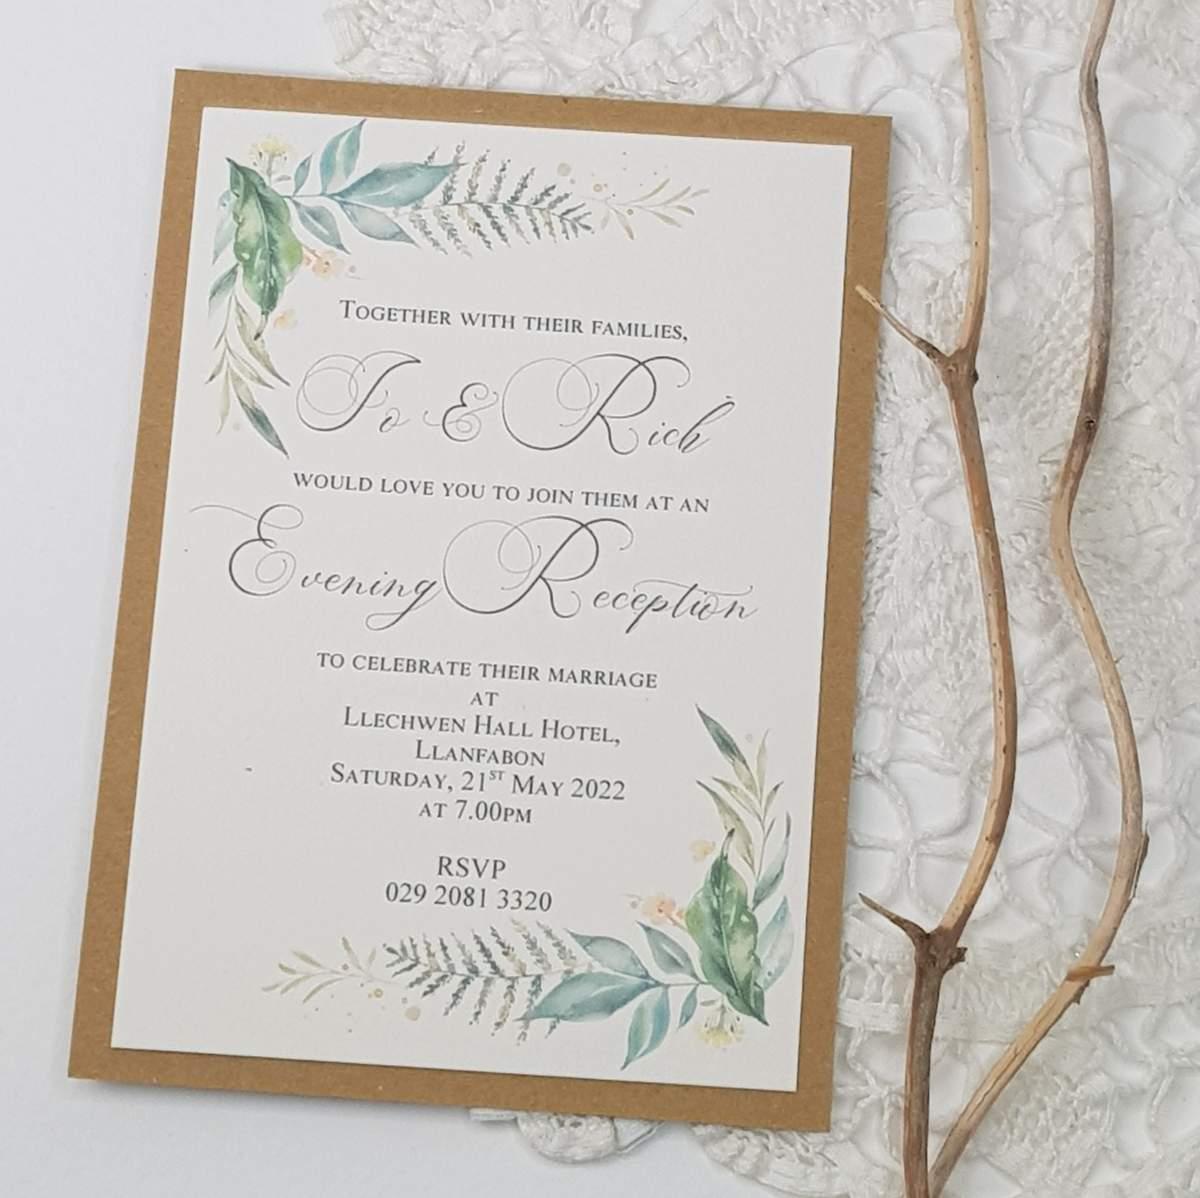 A recycled card wedding invitation with a pretty woodland fern design on each corner